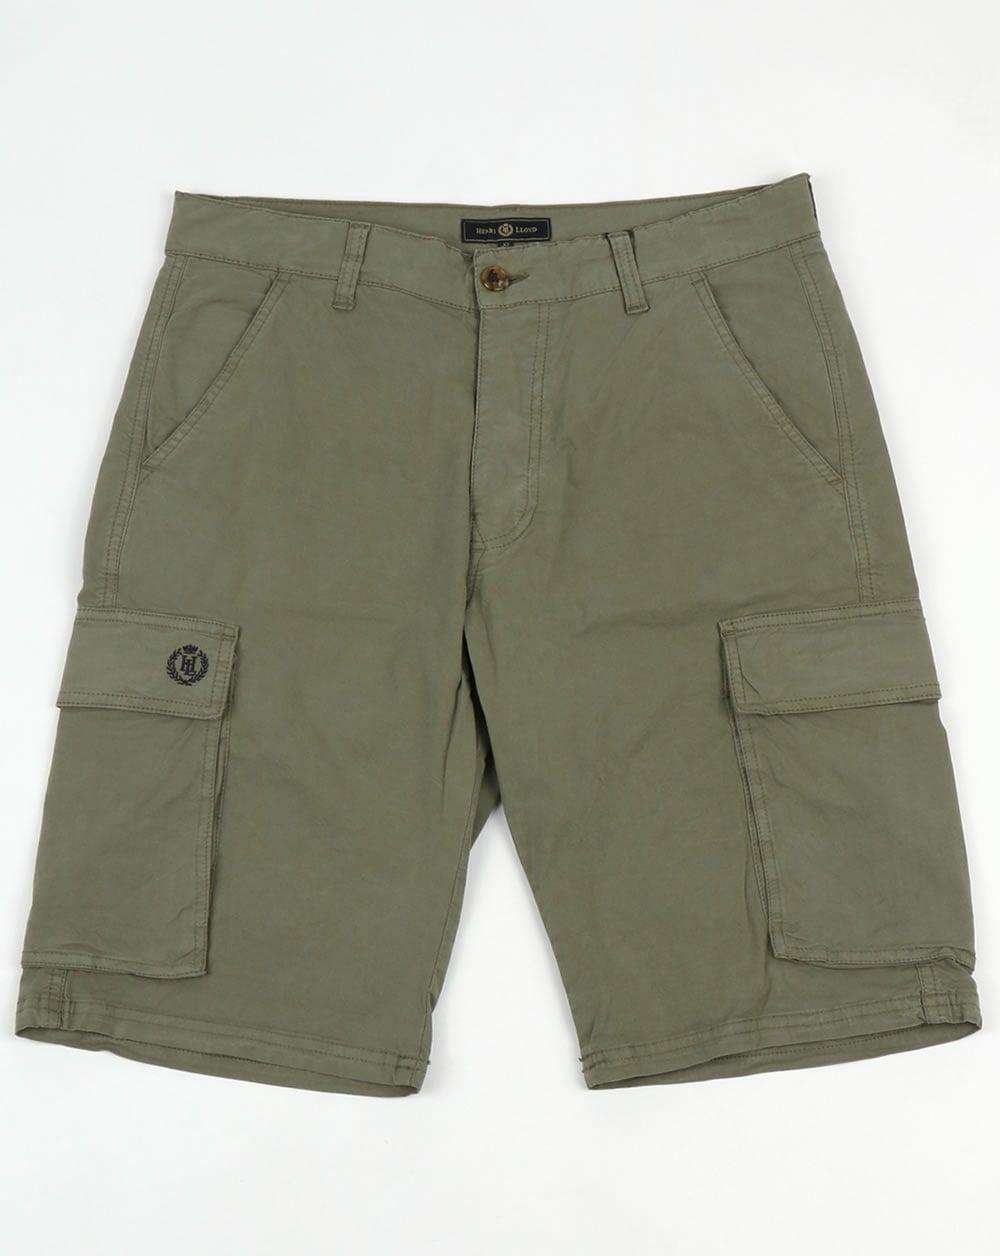 3bc02060a2 Henri Lloyd Henri Lloyd Cargo Combat Shorts Khaki Green